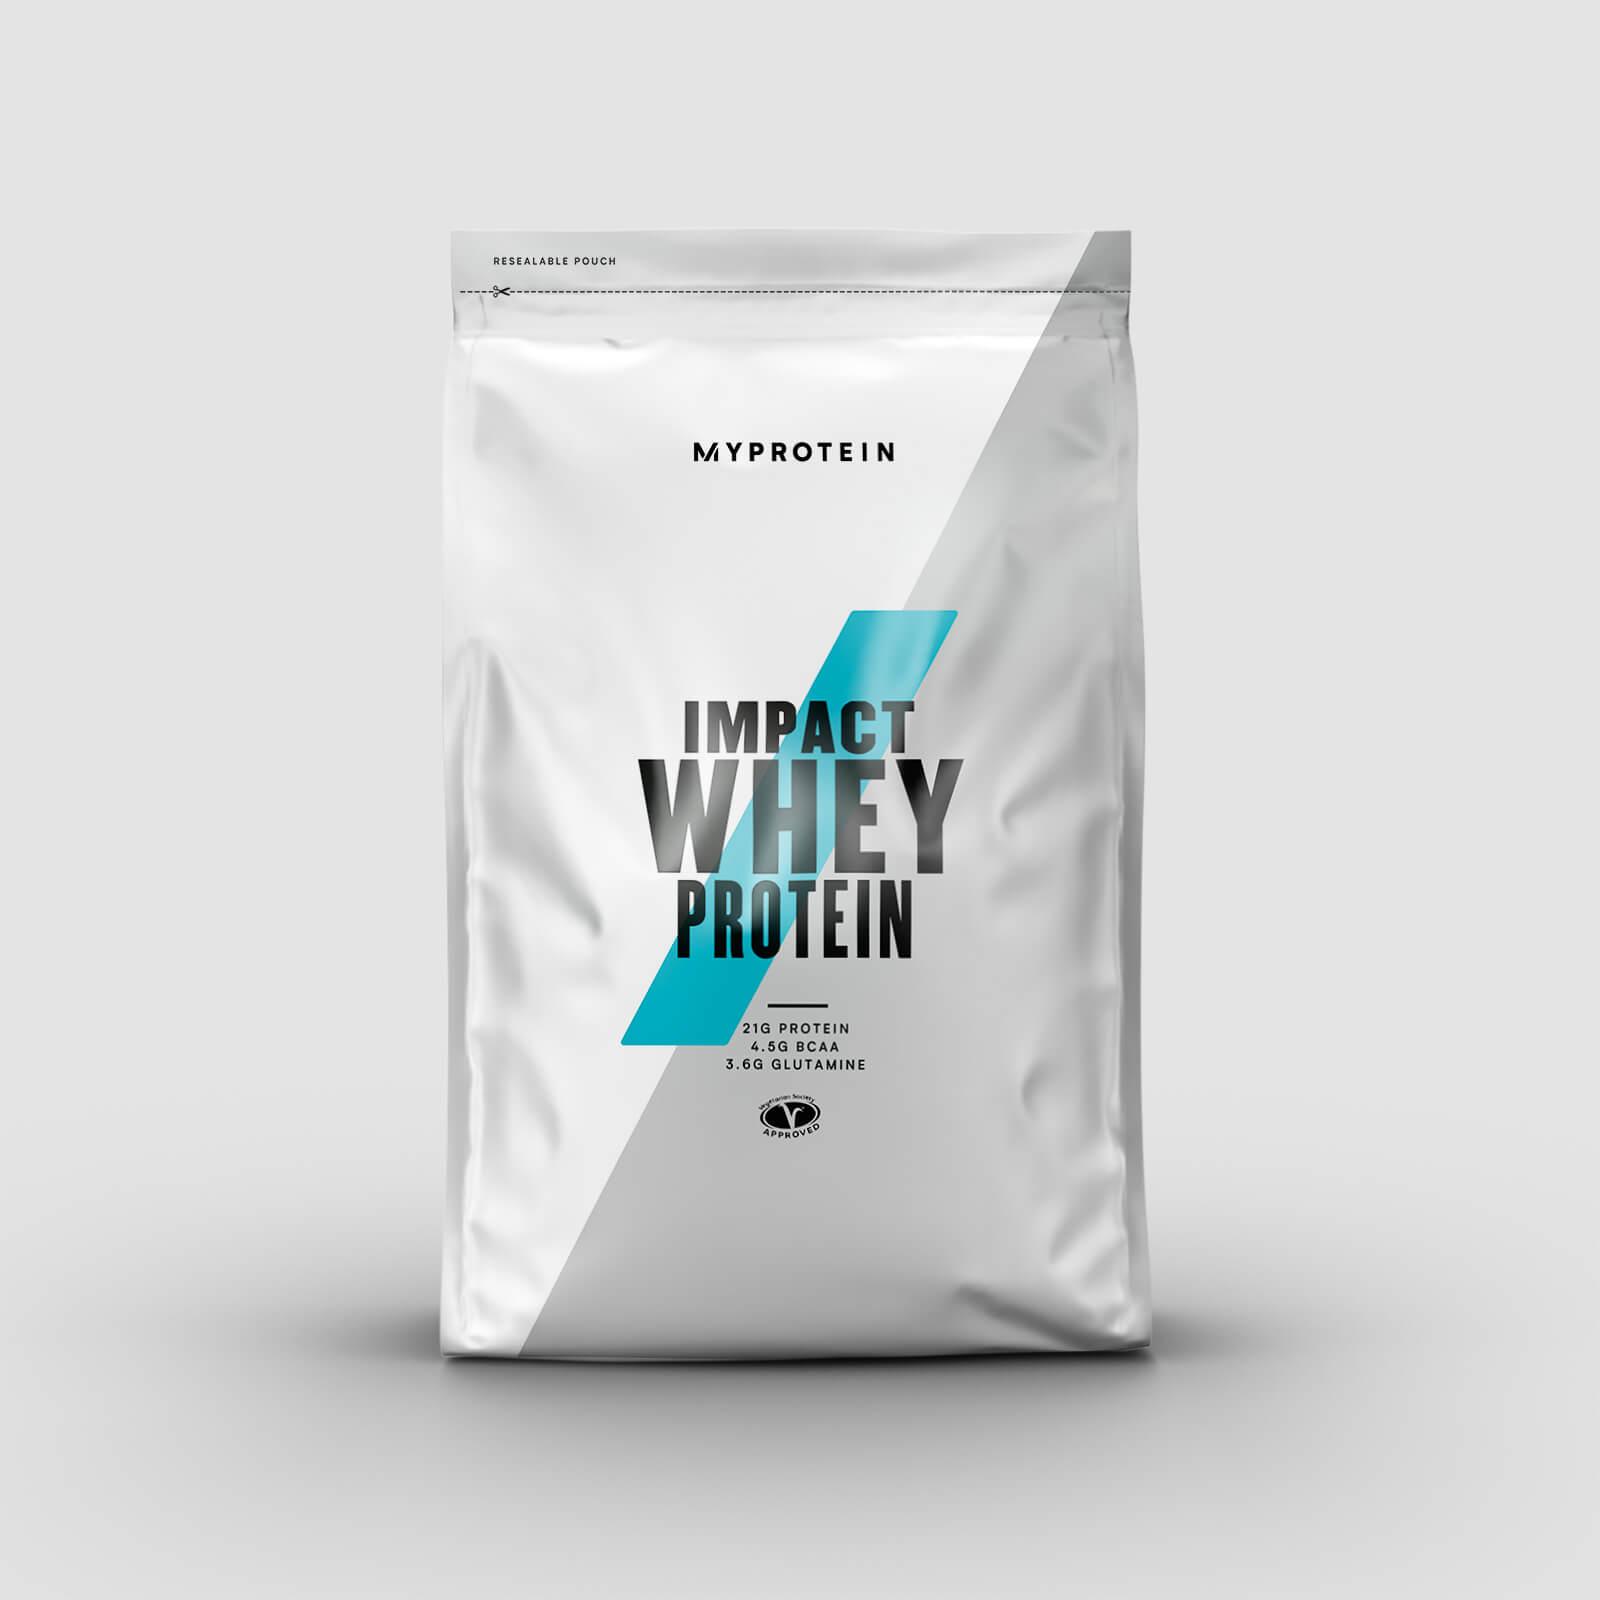 Myprotein Impact Whey Protein - 1kg - Stevia - Chocolat